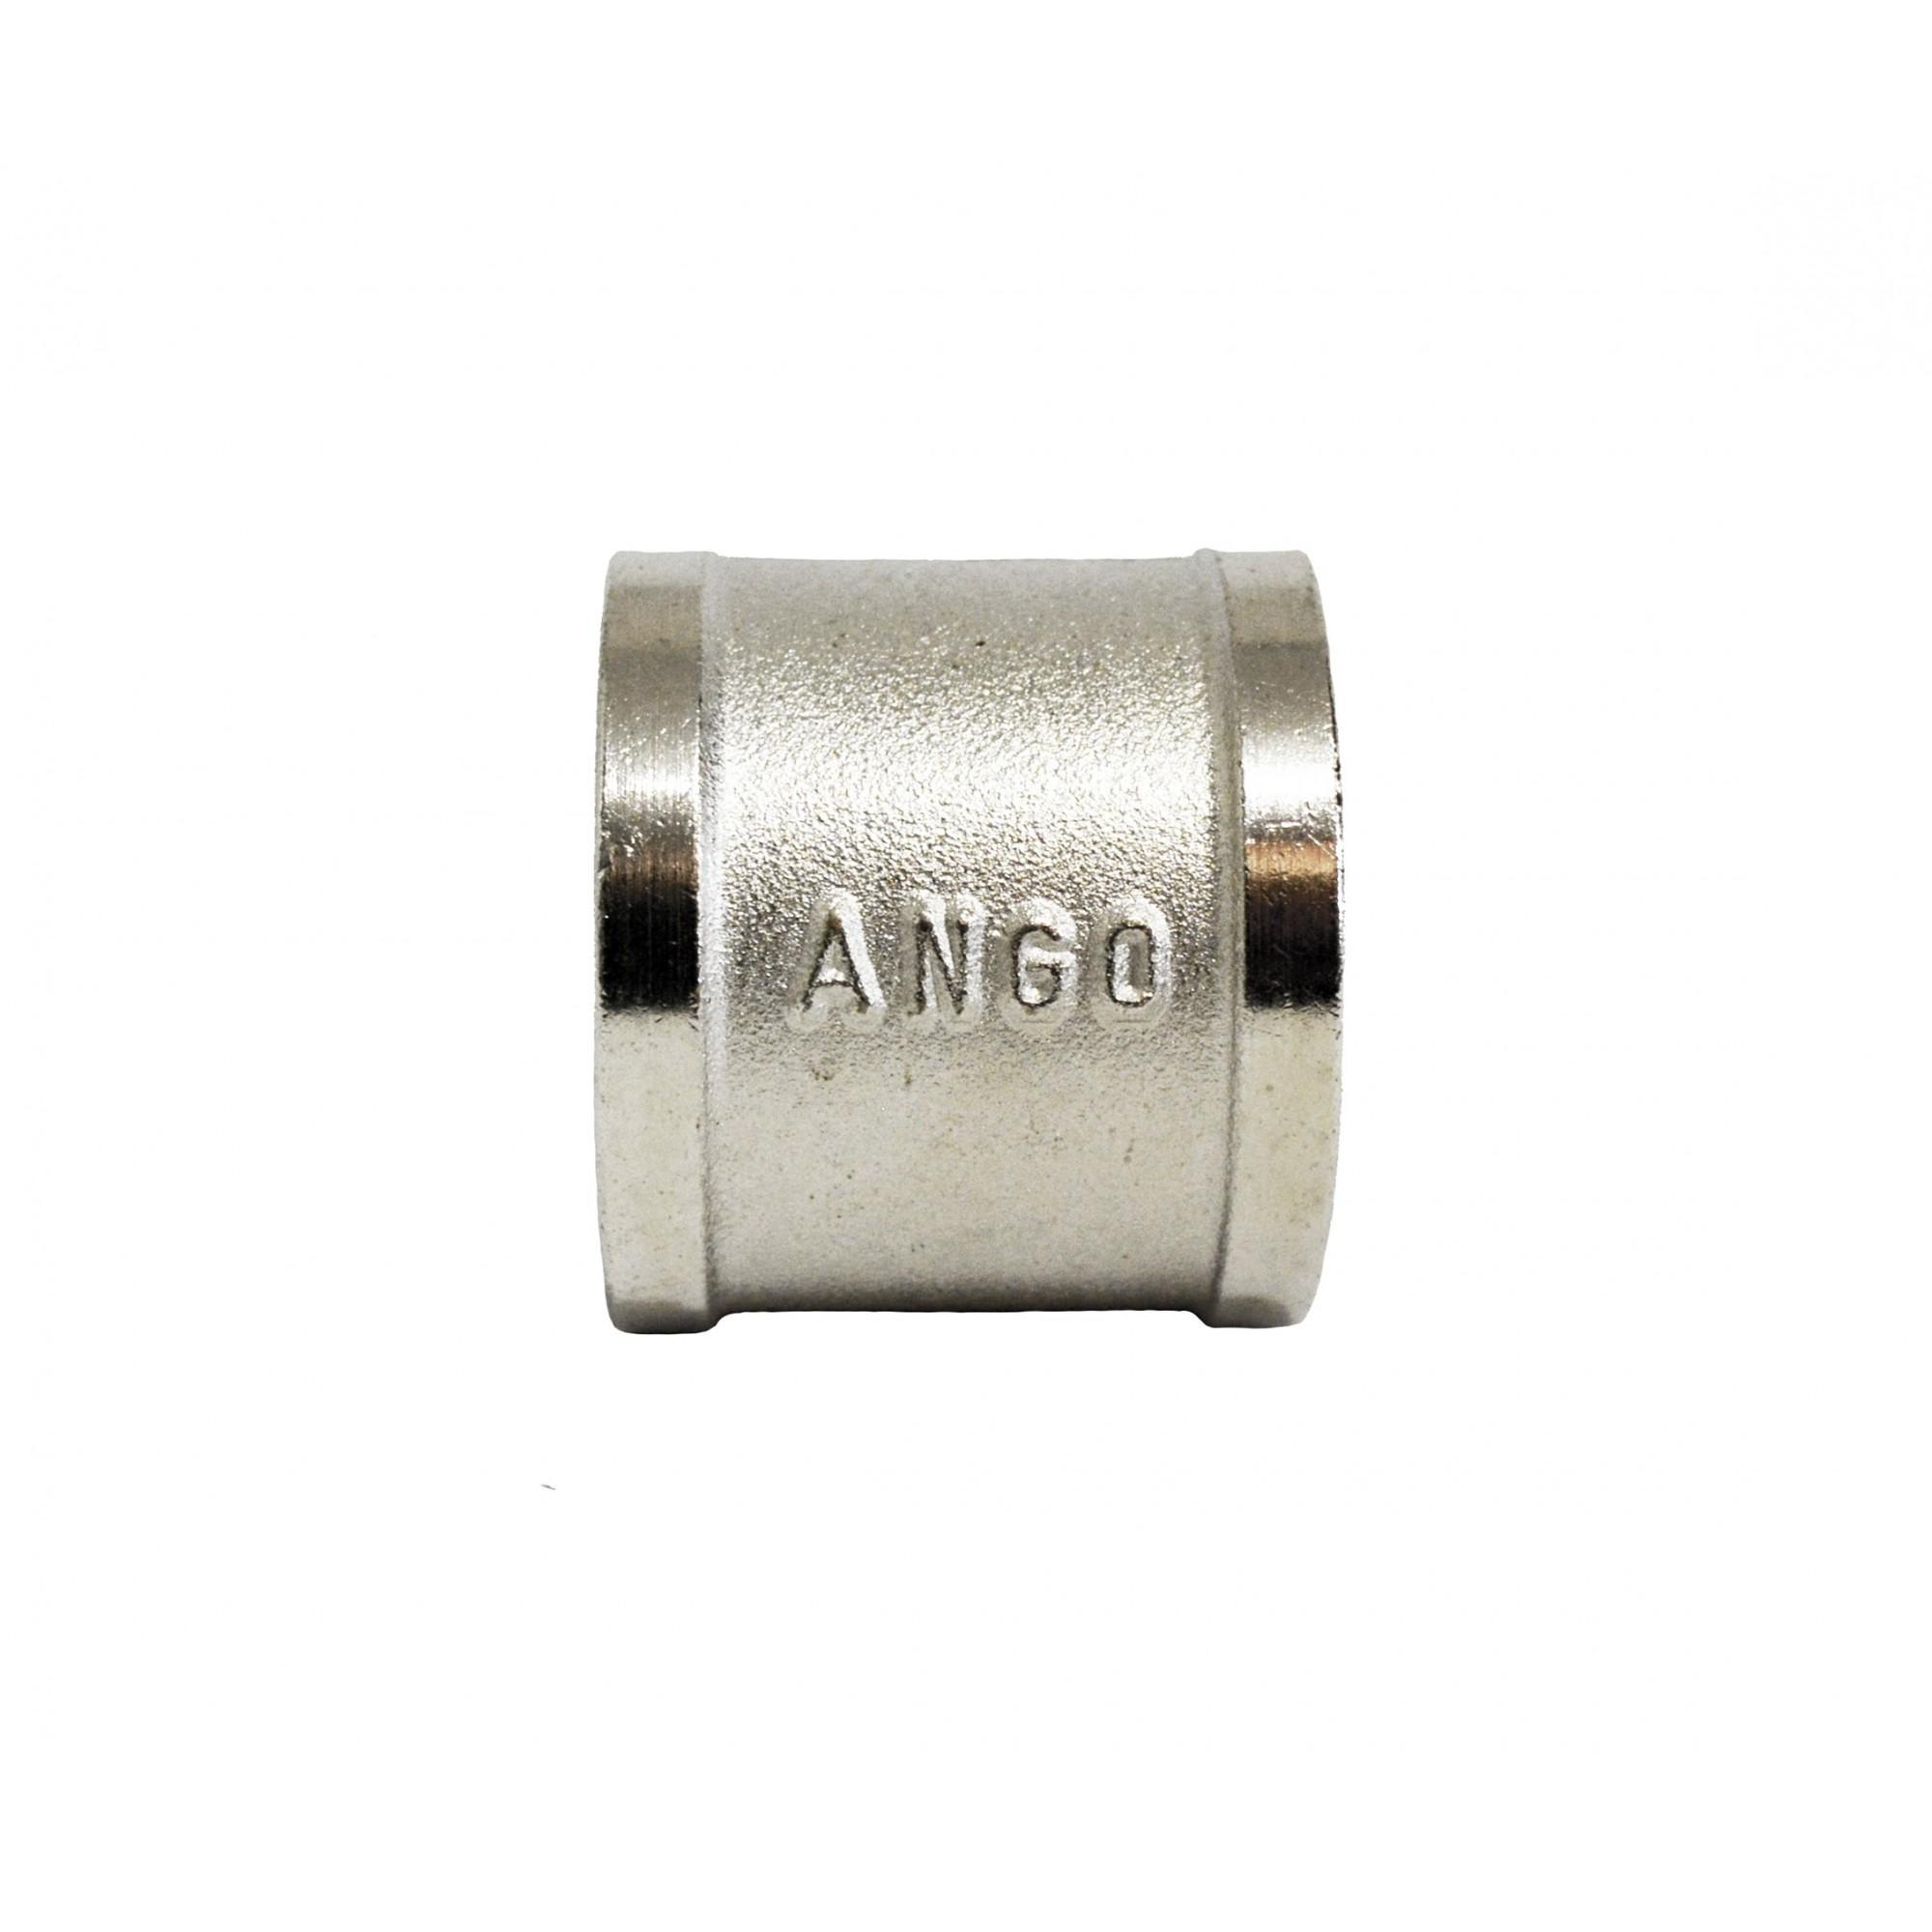 Муфта 1вв никелированная, латунь ANGO ANGO - 1